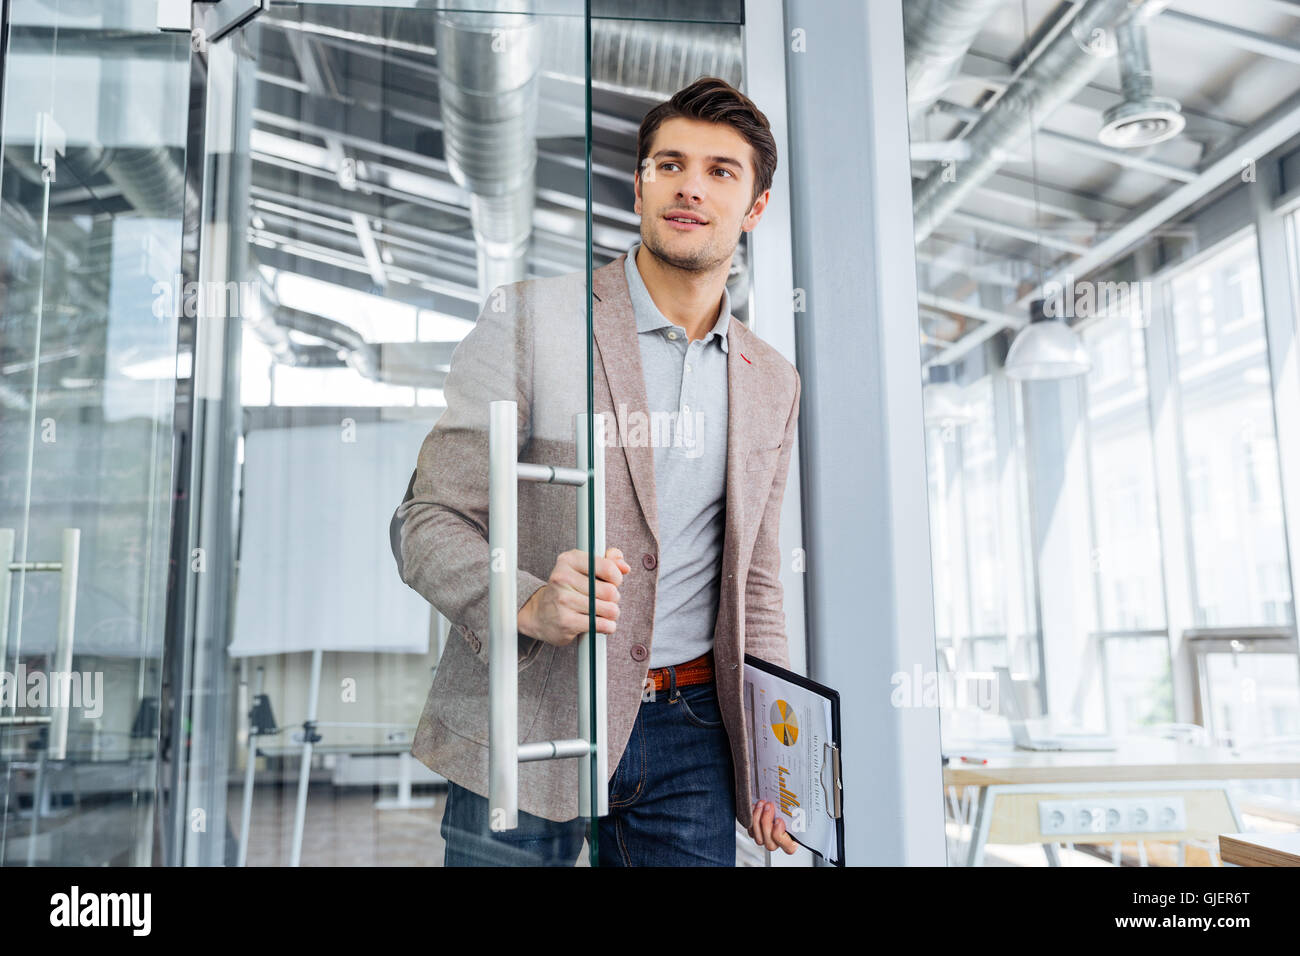 Apuesto joven empresario con portapapeles entrando en la puerta de oficina Imagen De Stock